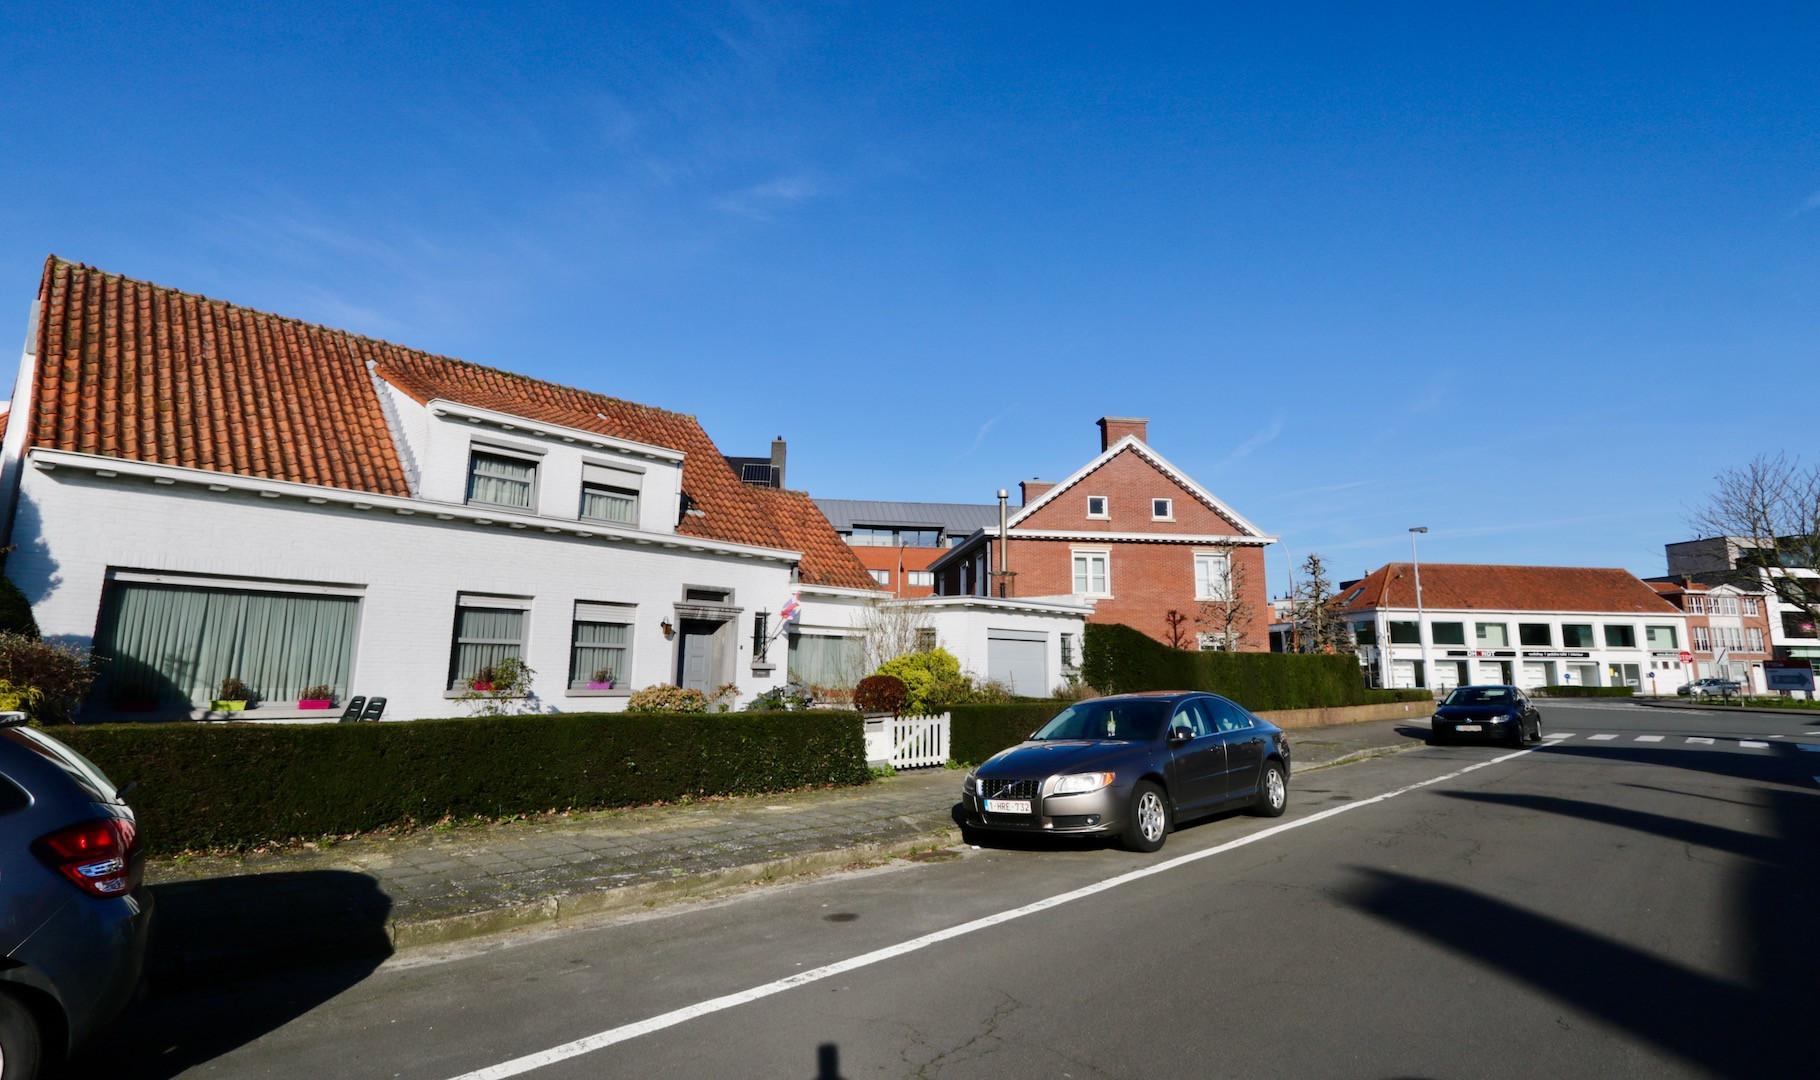 Alleenstaande villa aan de rand van de stad - met garage en tuin - 2 slaapkamers